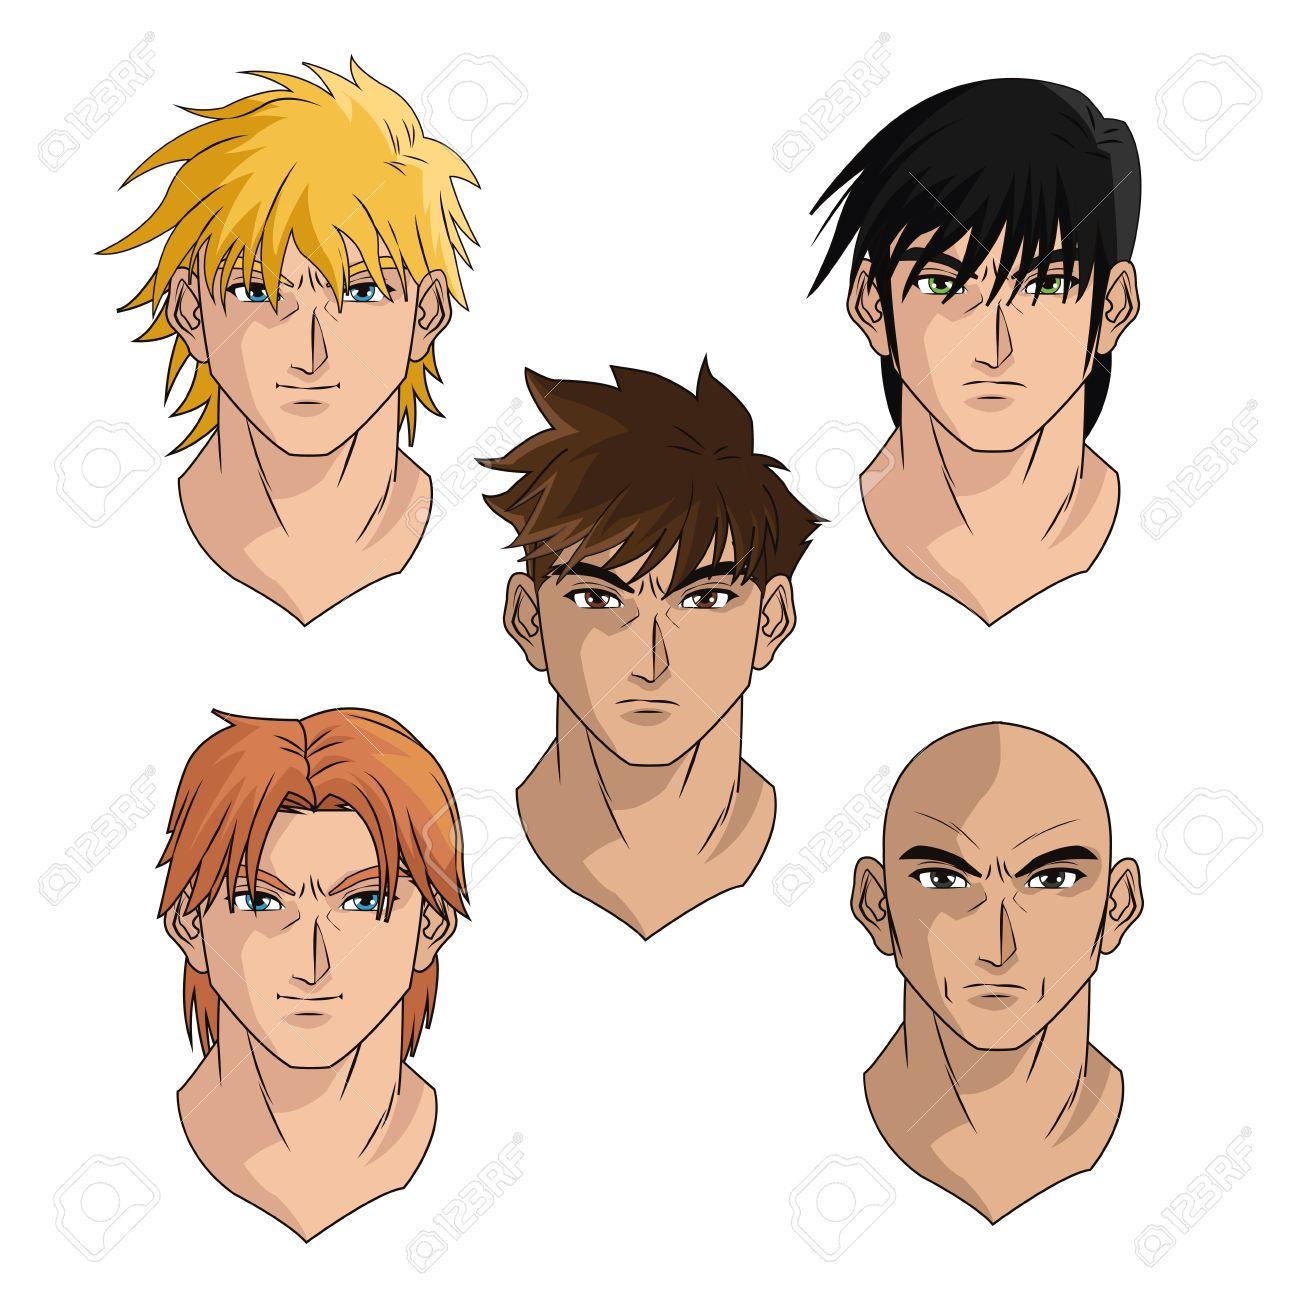 Hommes Homme Jeune Garcon Tetes D Anime Dessin Anime Manga Comique